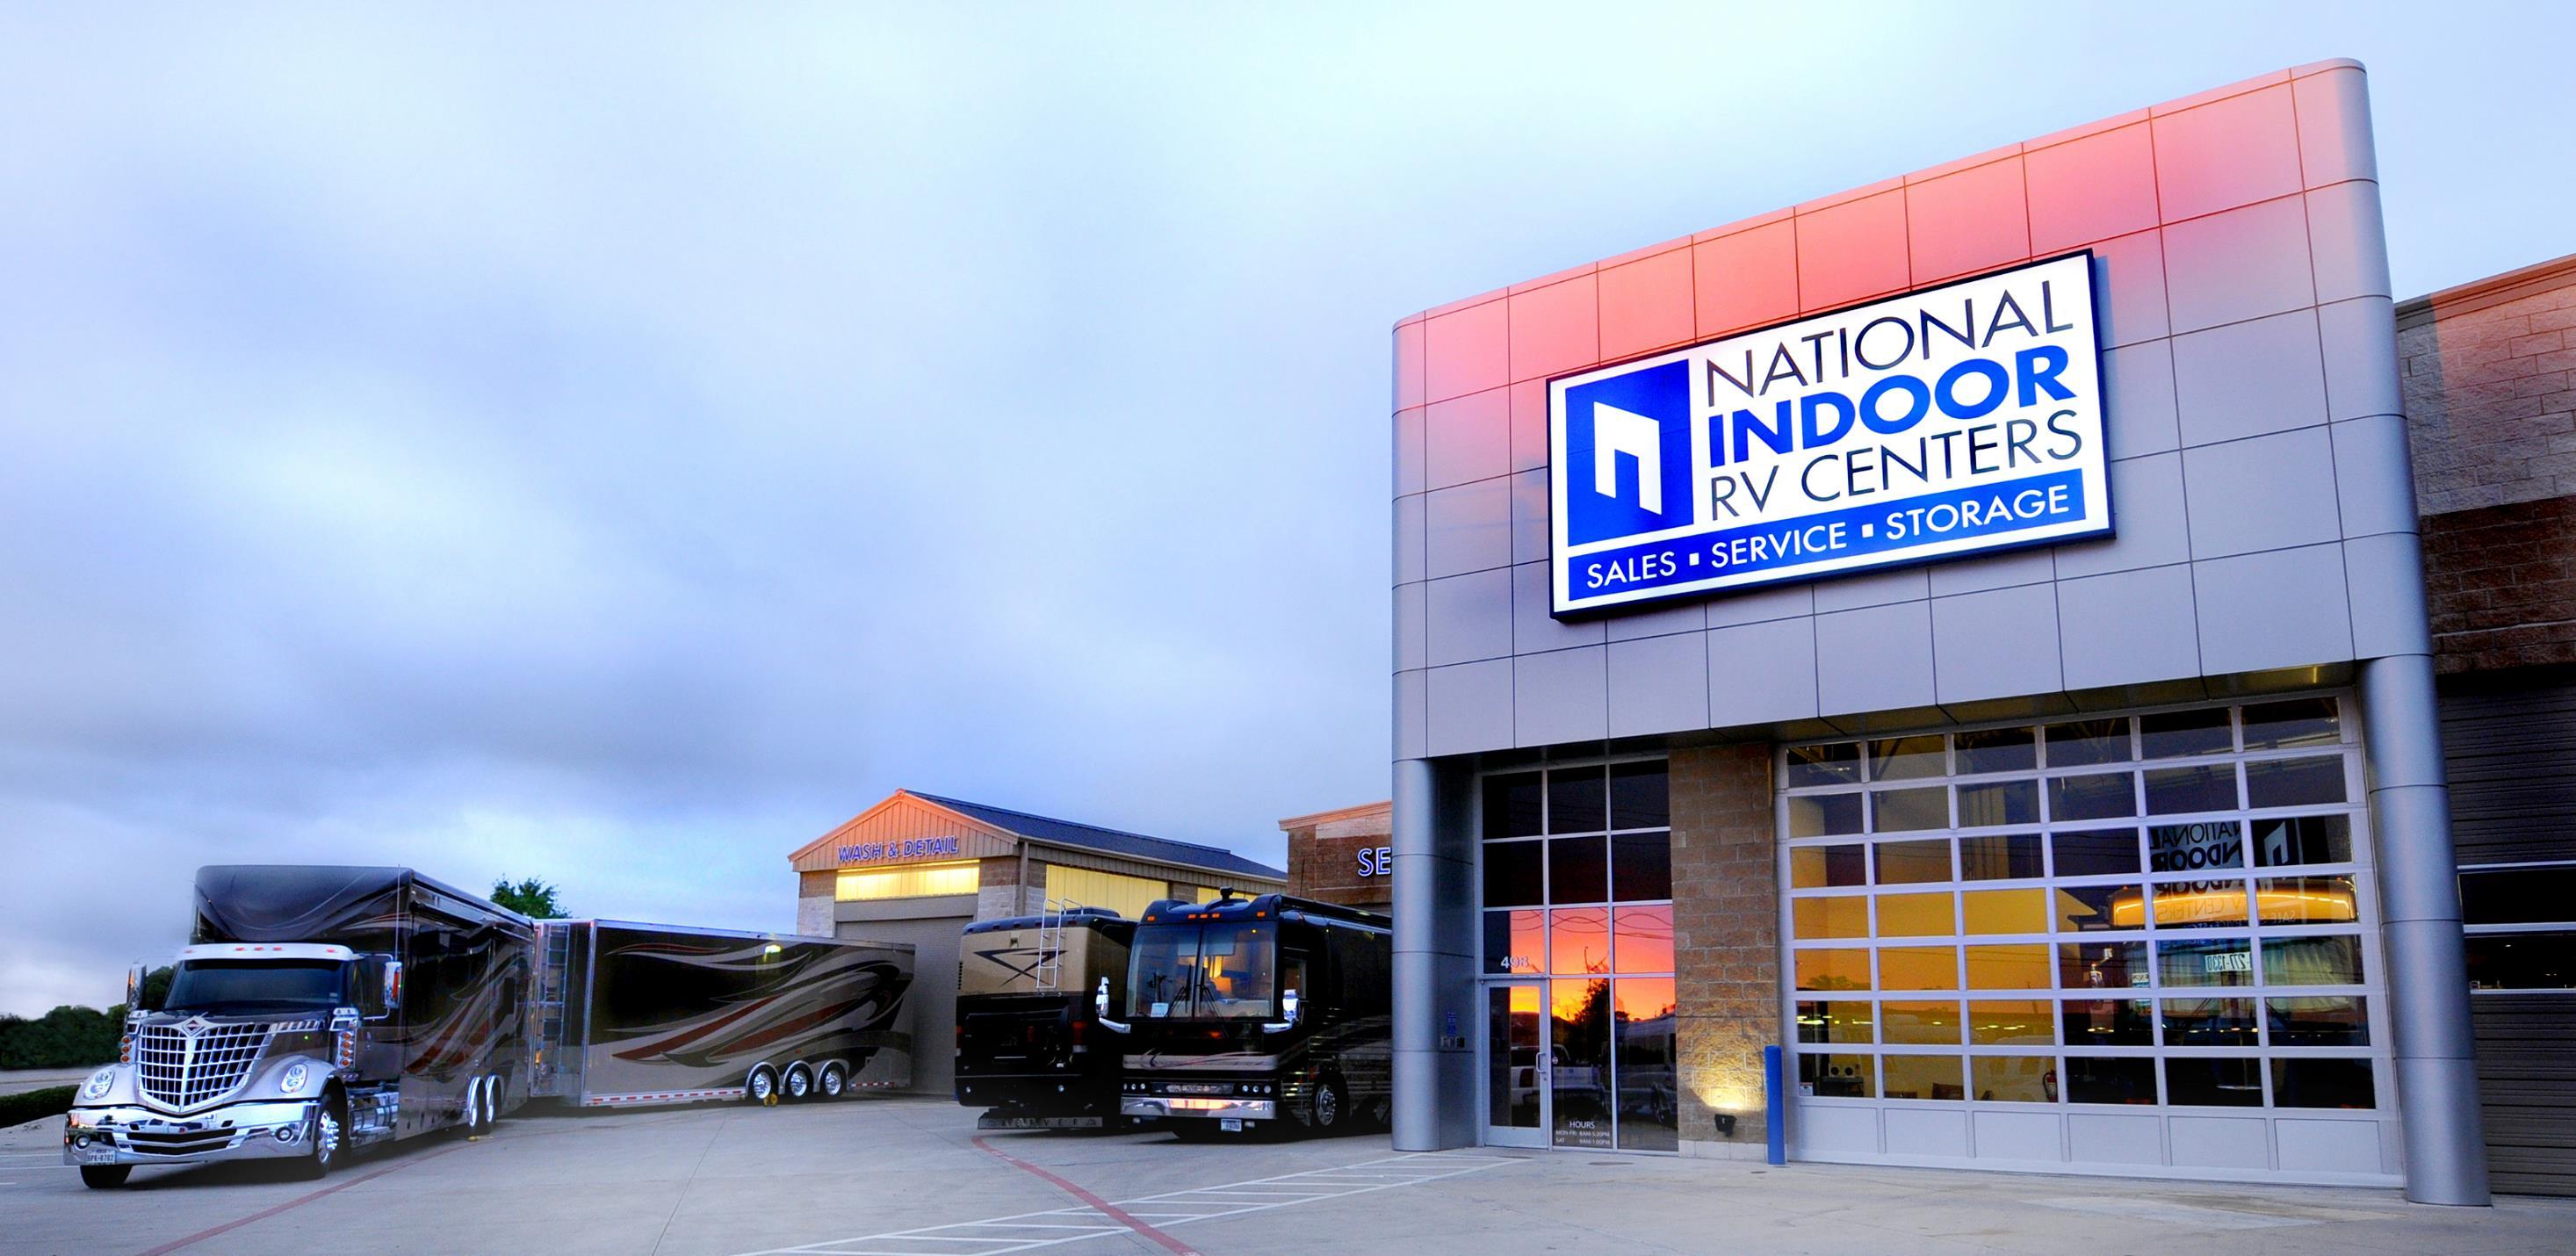 Featured Dealer: National Indoor RV Centers